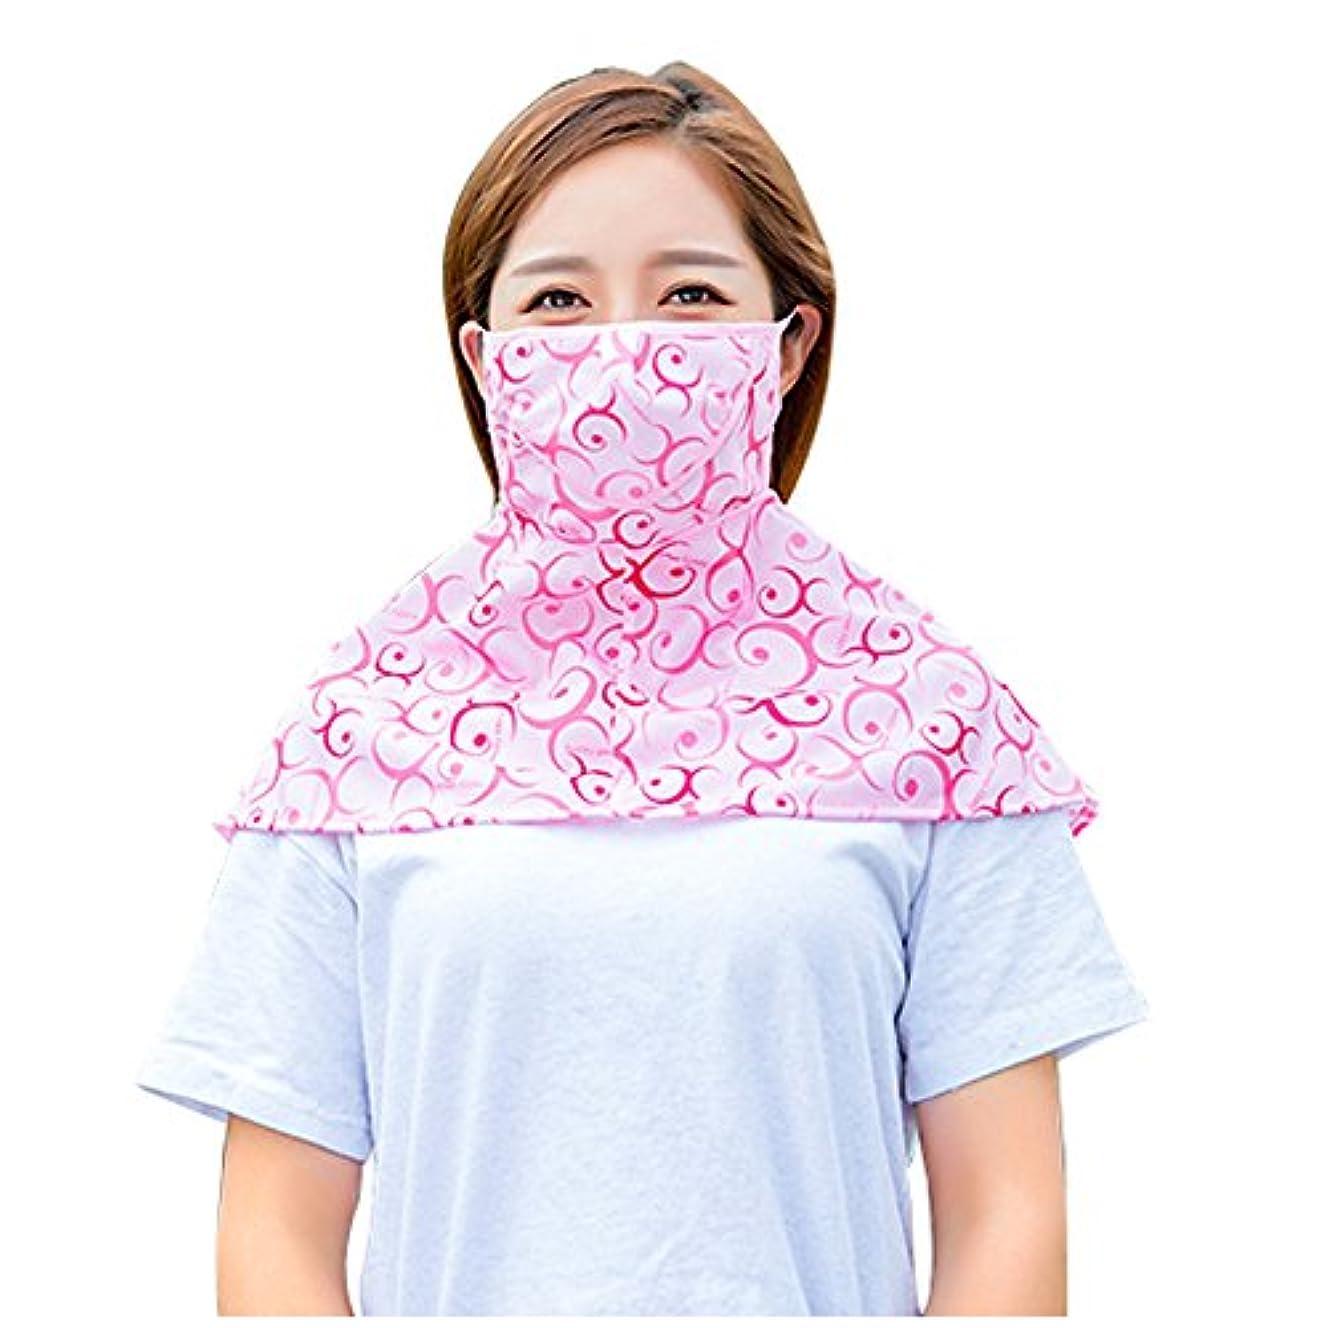 差別する遠征朝PureNicot 日焼け防止 フェイスマスク UVカット 紫外線対策 農作業 ガーデニング レディース 首もともガード 3D UVマスク (ピンク 模様)